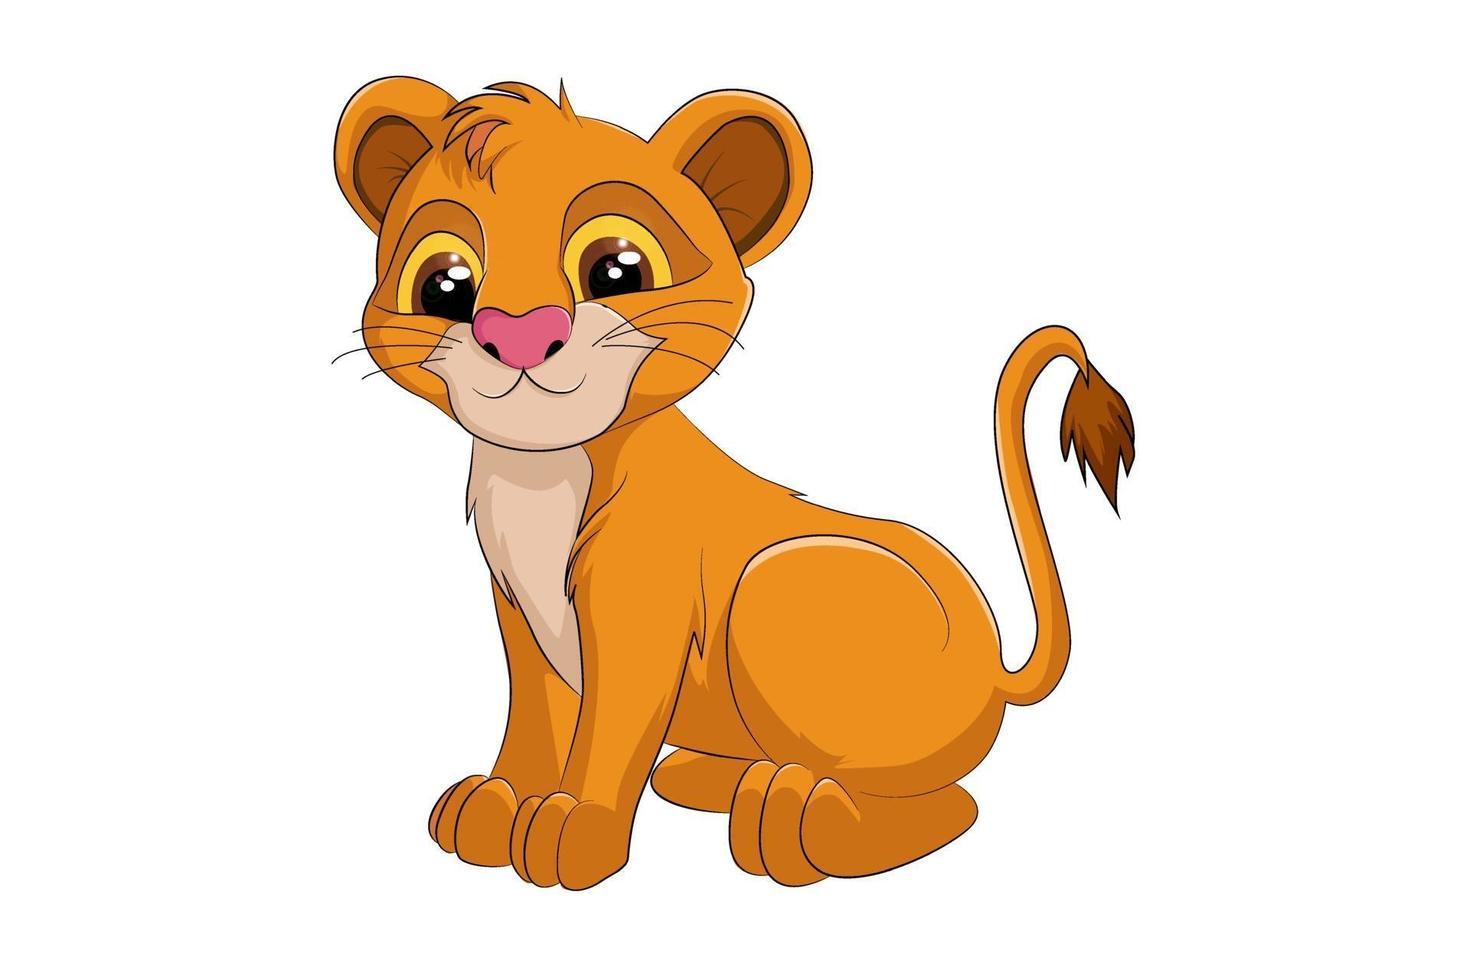 um leão bebê fofo, desenho animal cartoon vetor